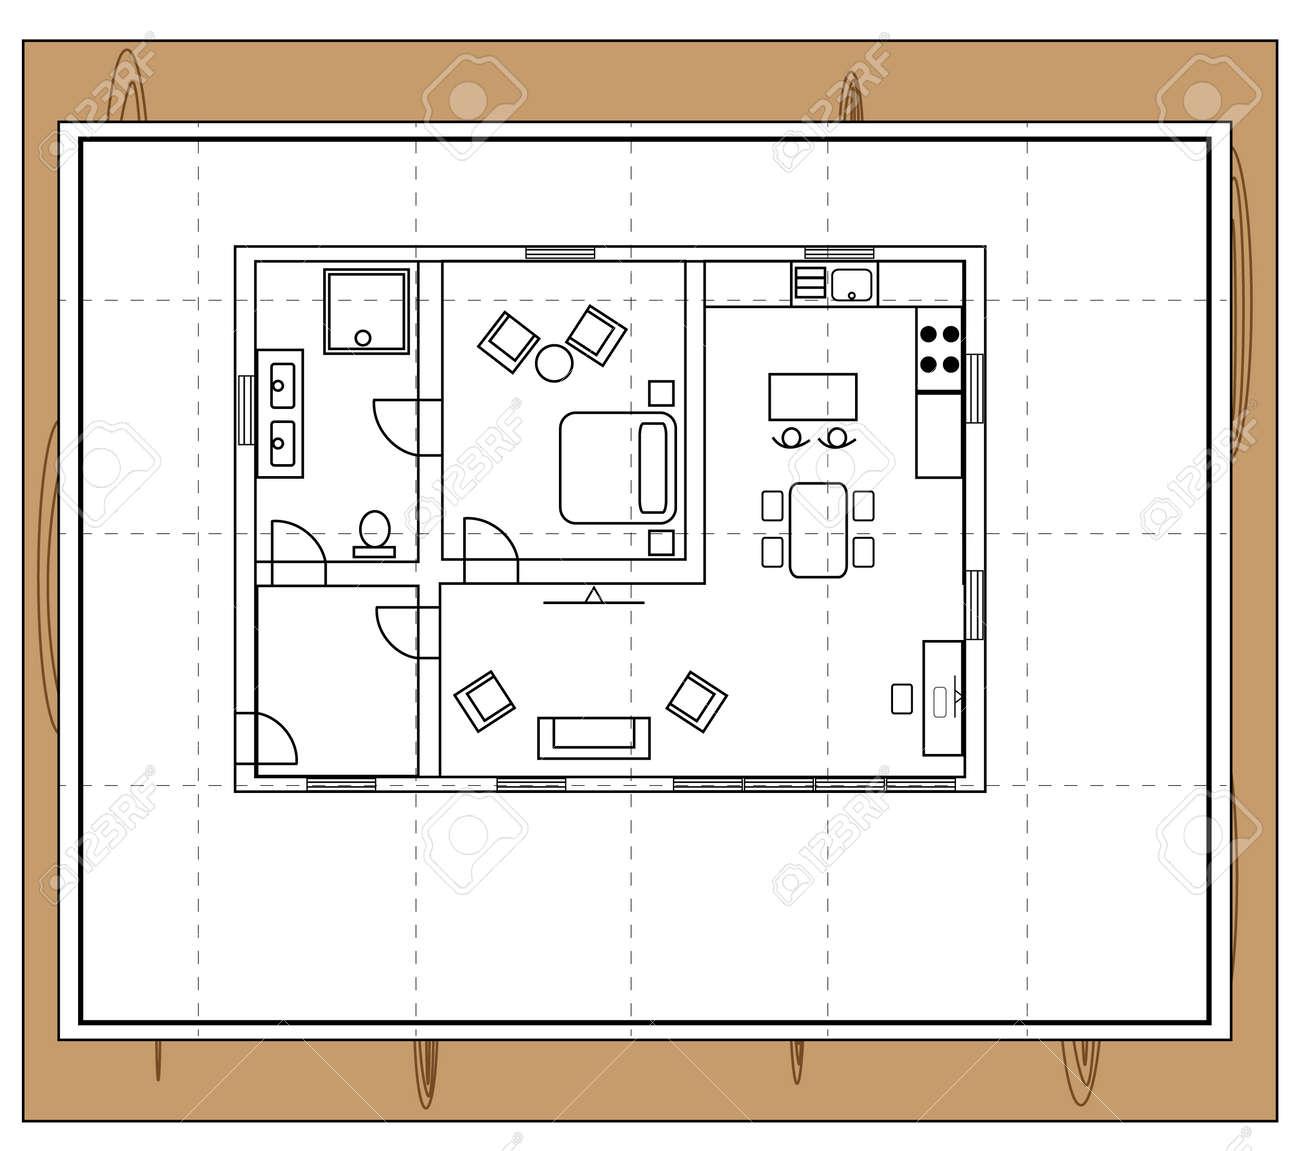 Vettoriale Disegno Di Una Casa Con Siccita Camere Singole Con